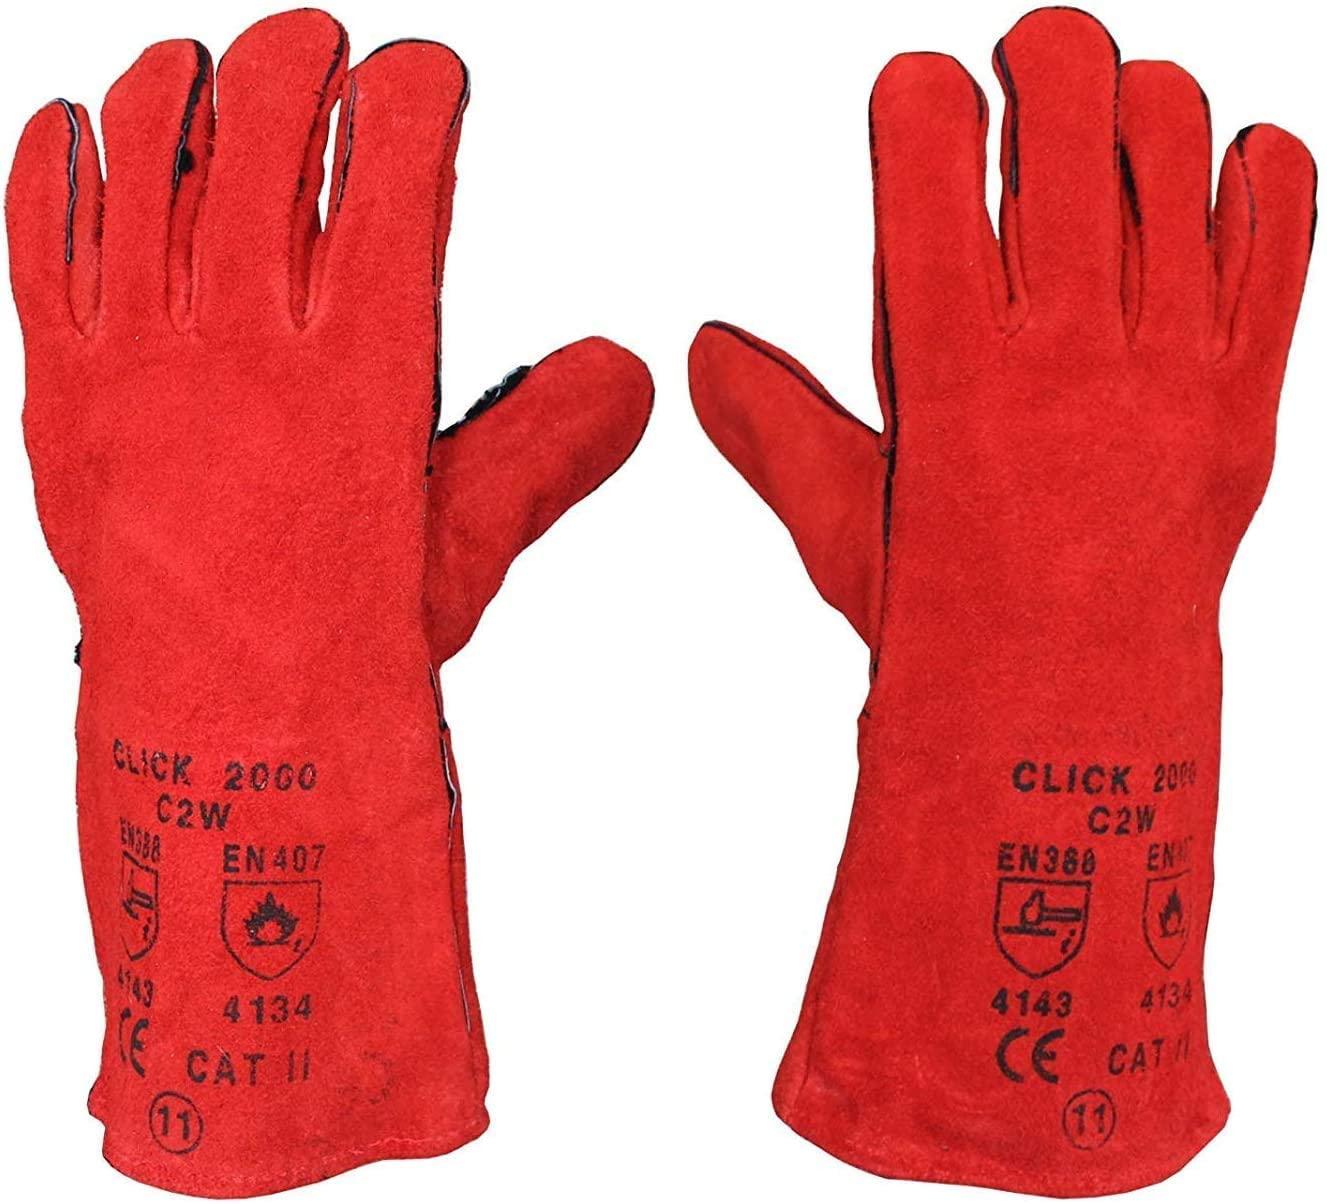 gants anti-chaleur CLICK 2000 C2W